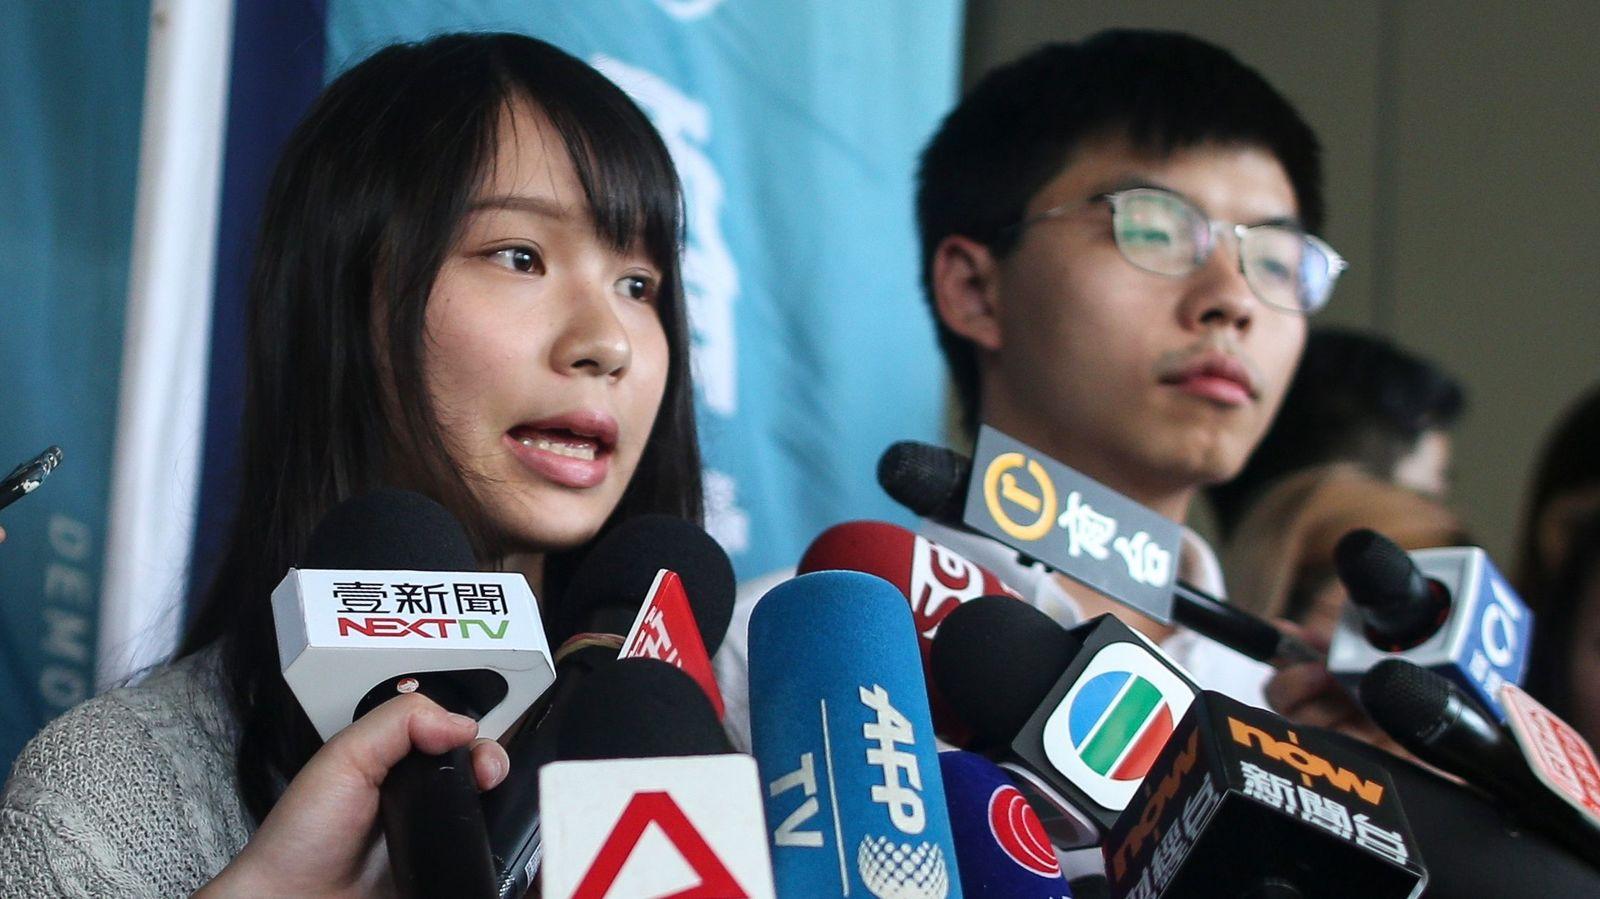 ここまで混乱した香港問題を救えるのは日本だ トランプ大統領の「虎の威」を借りろ